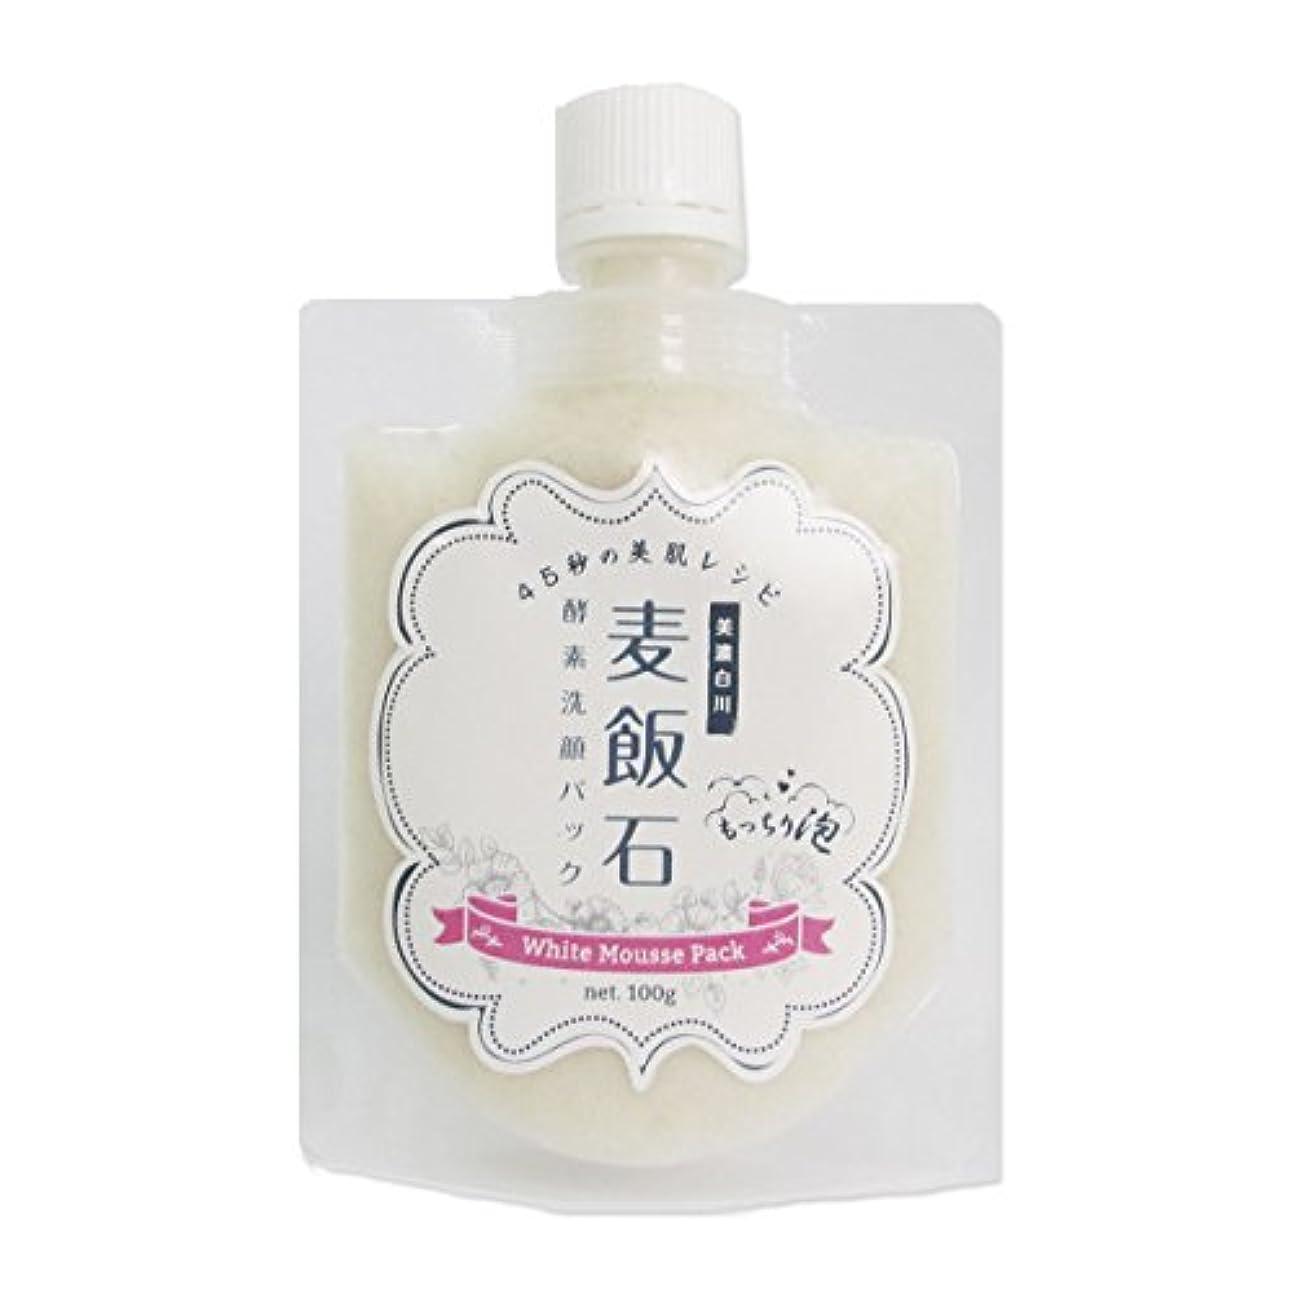 スポンジ外交ベックスシミ 洗顔 泡 洗顔フォーム ホワイトムースパック